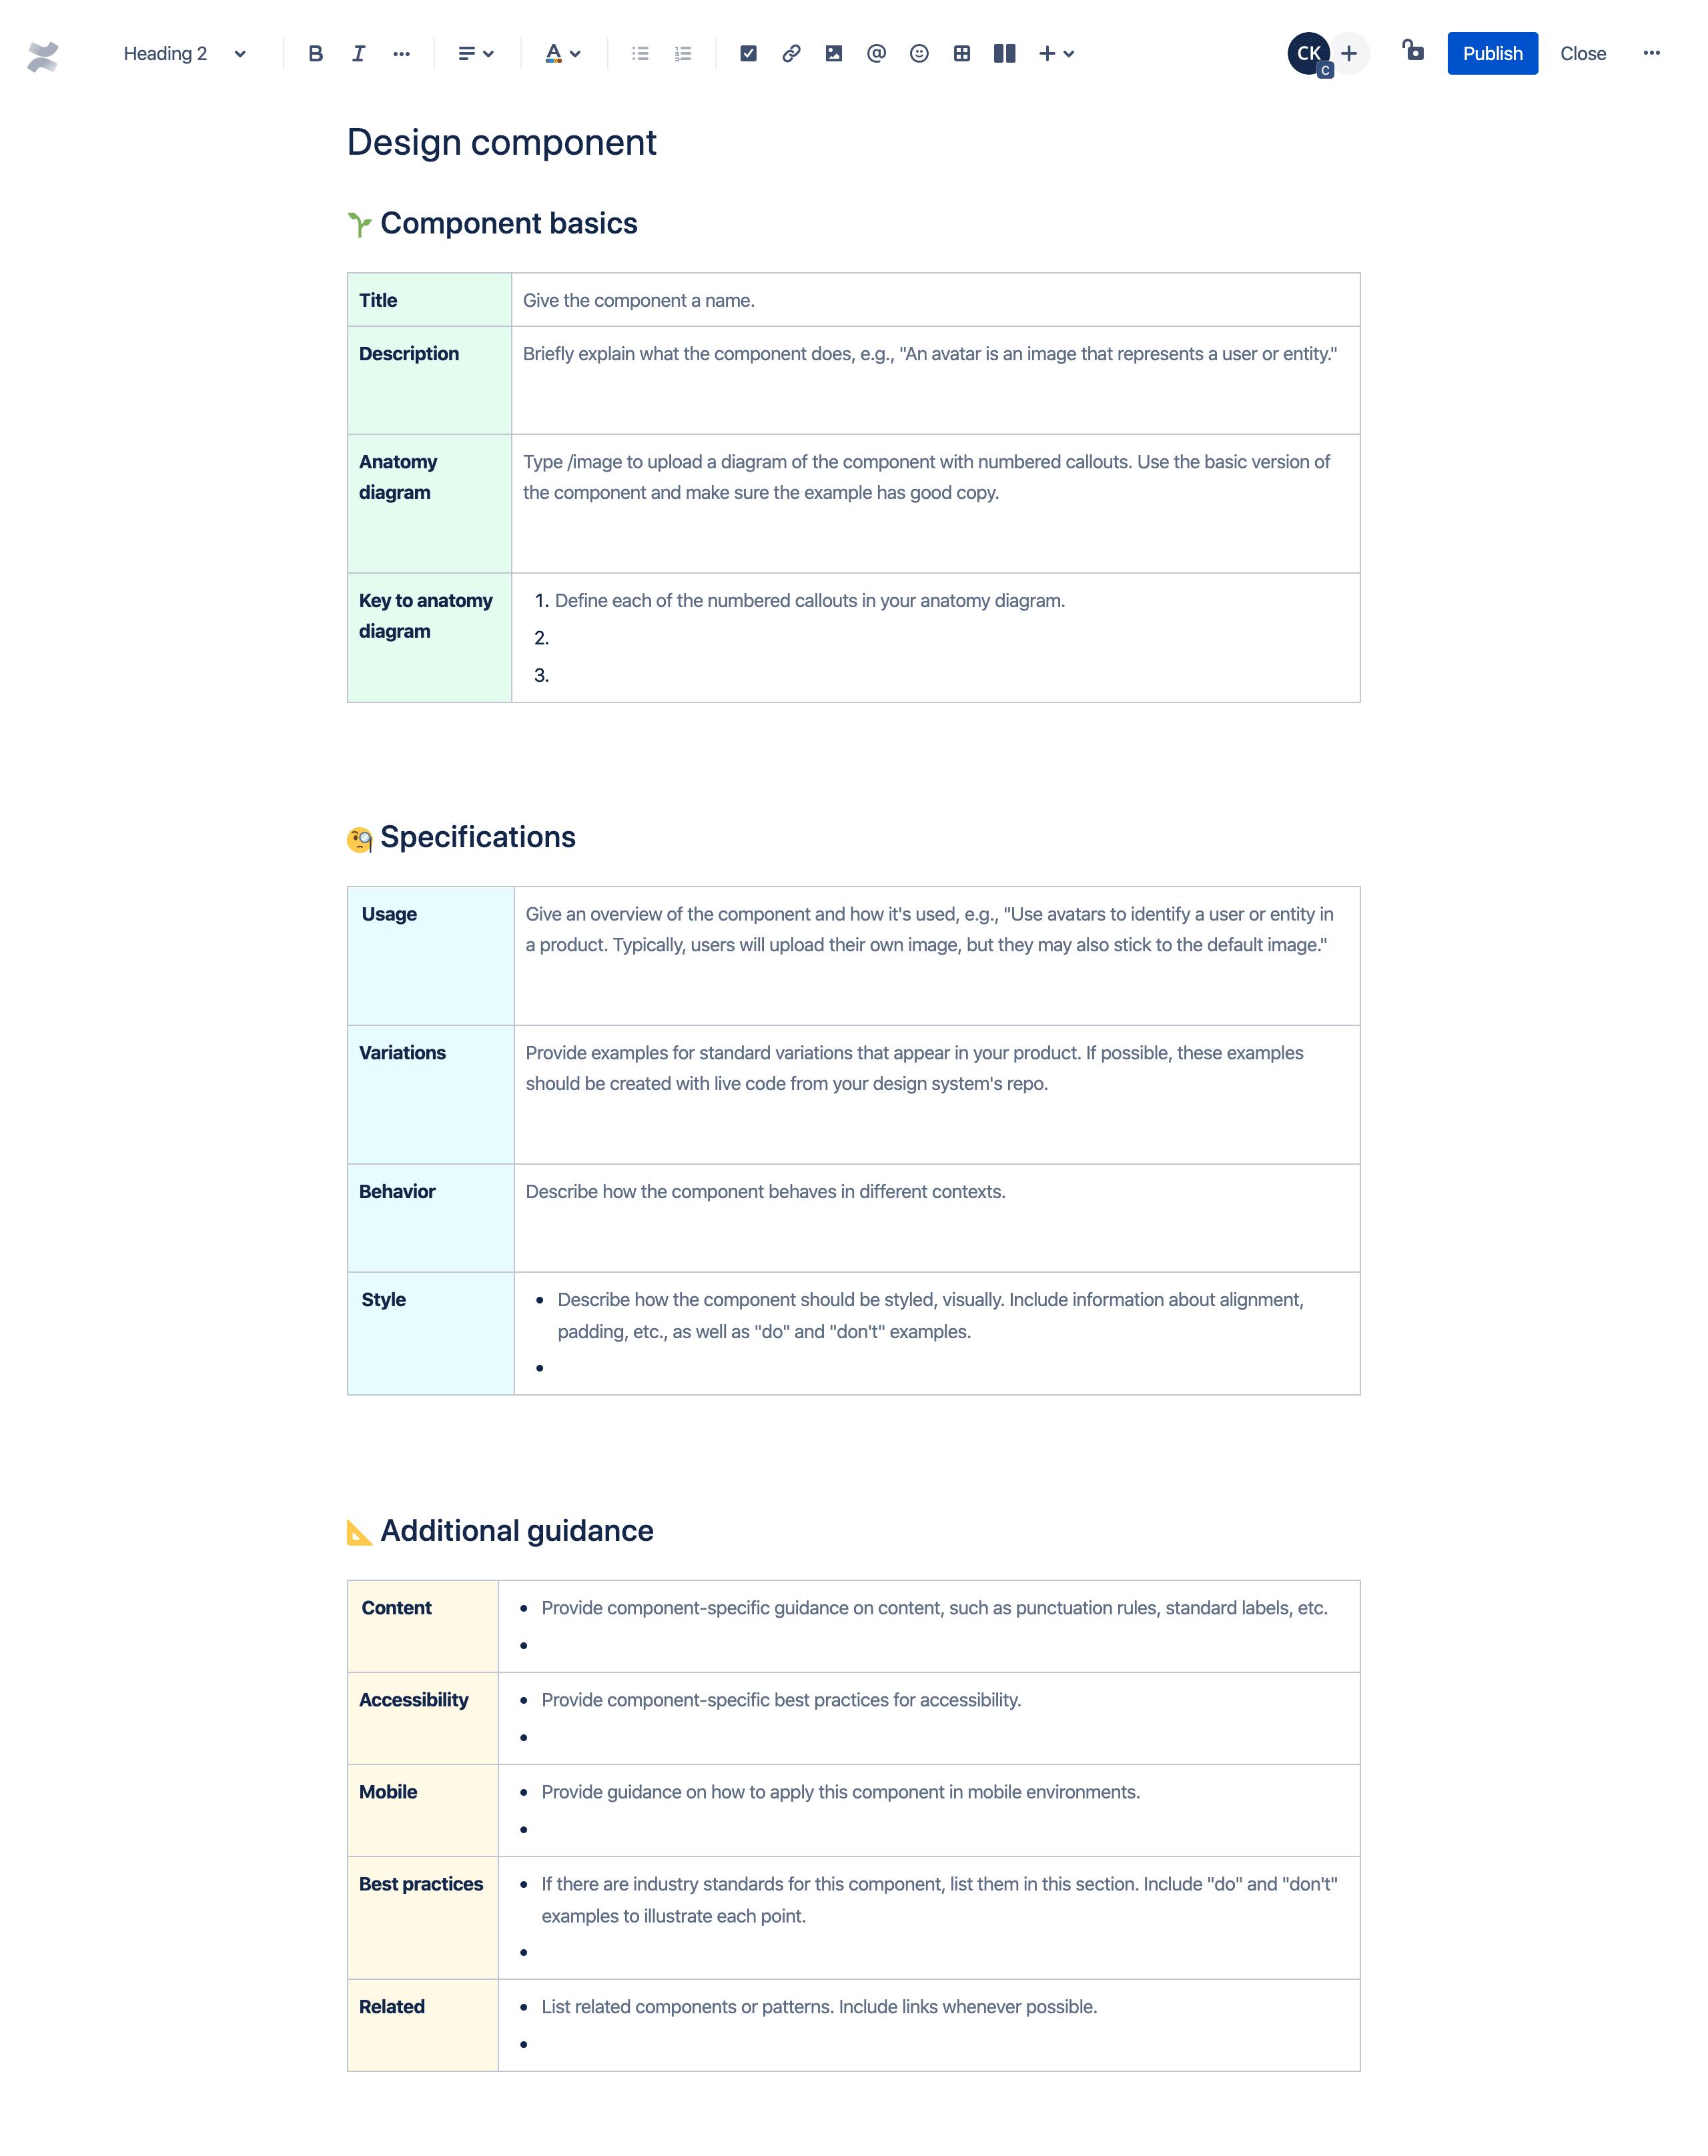 Шаблон компонента дизайна